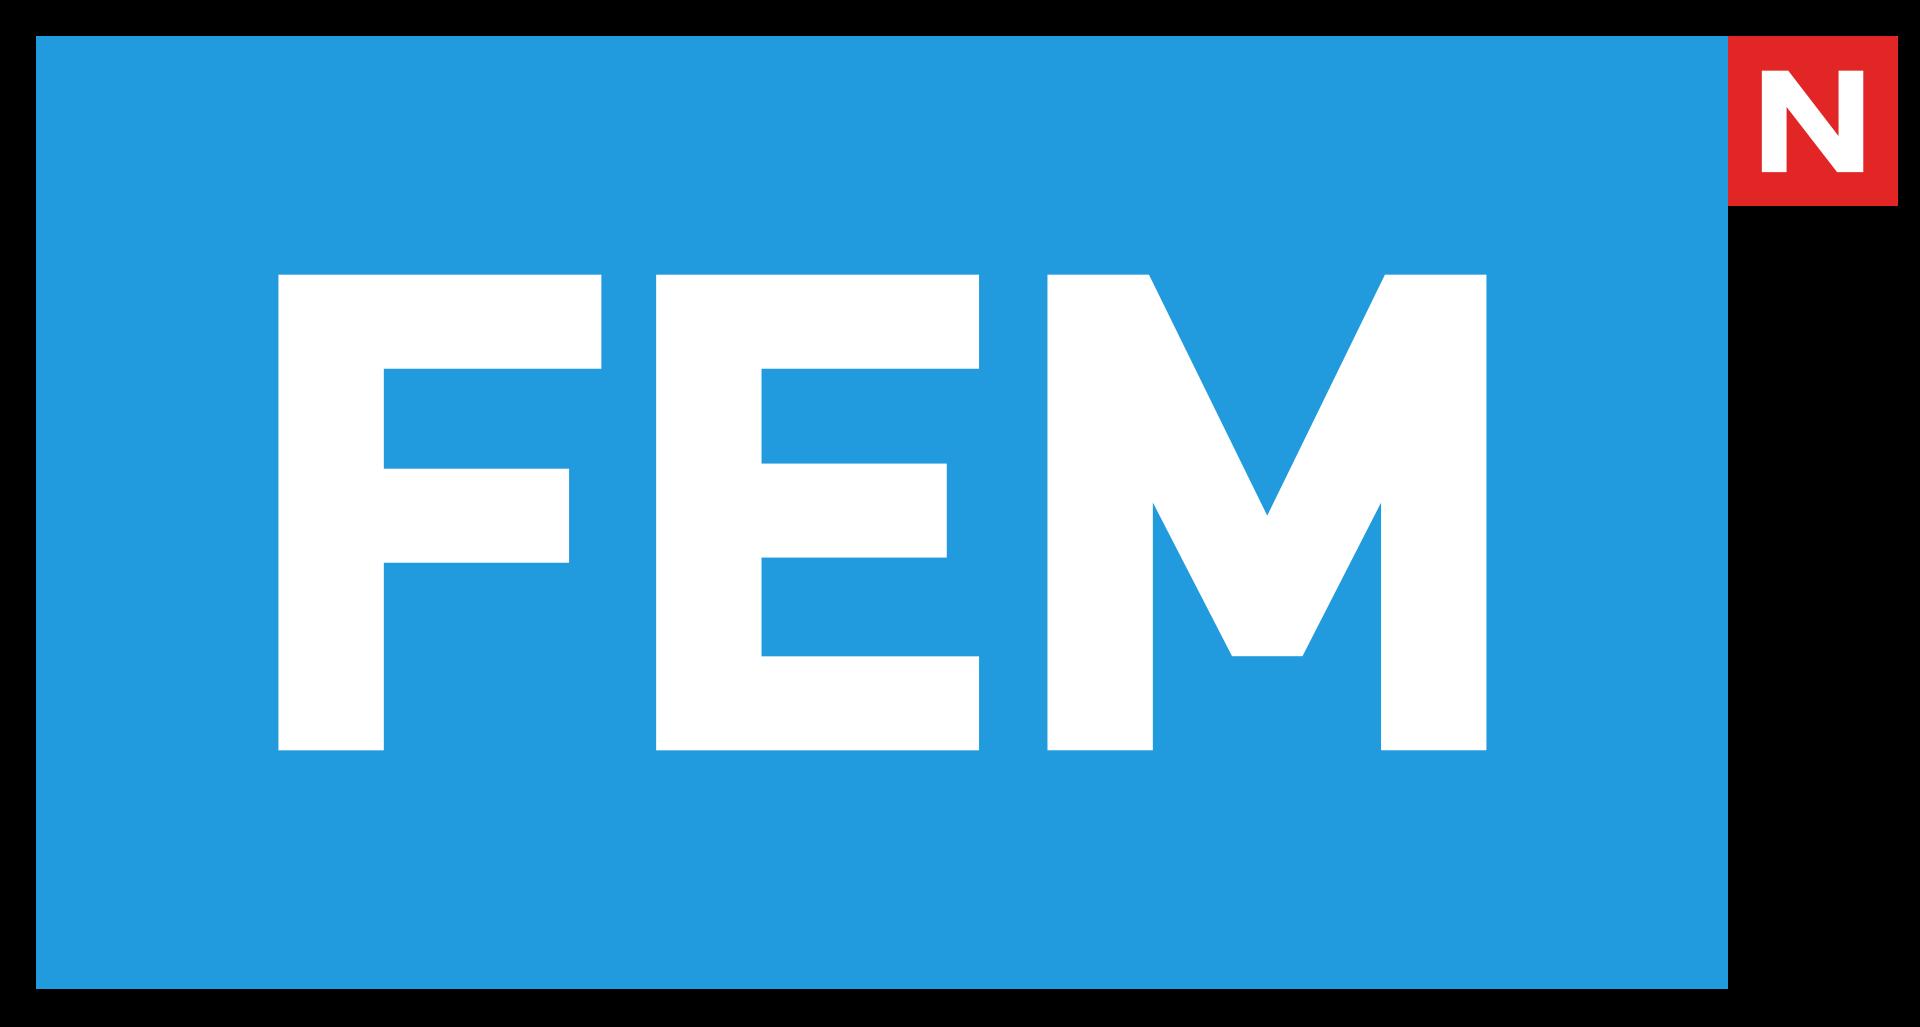 Profilo FEM TV Canal Tv